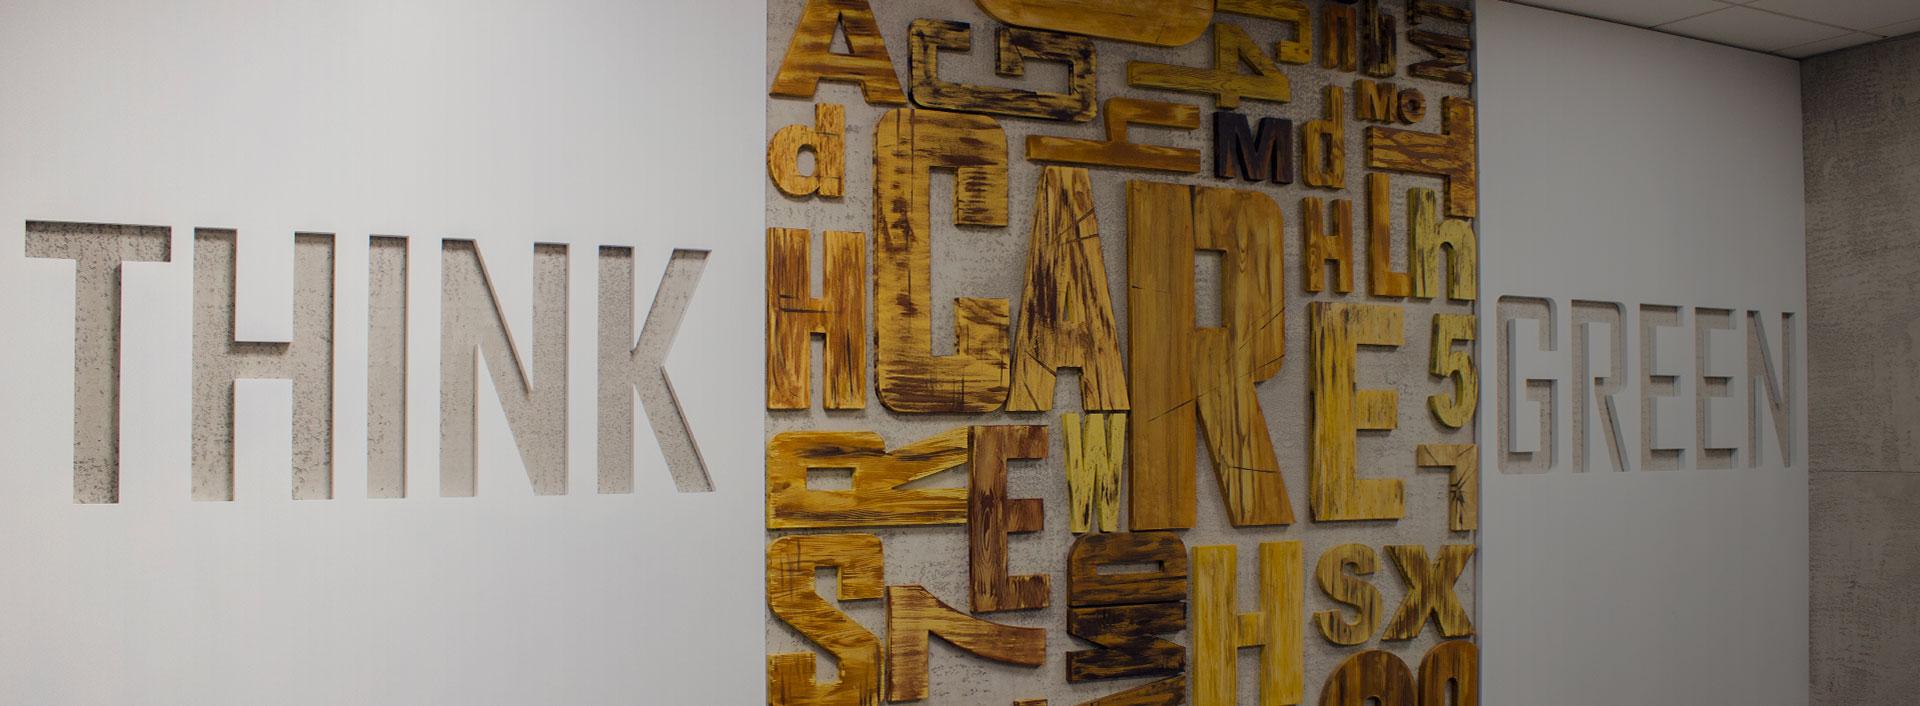 wooden 3d letters